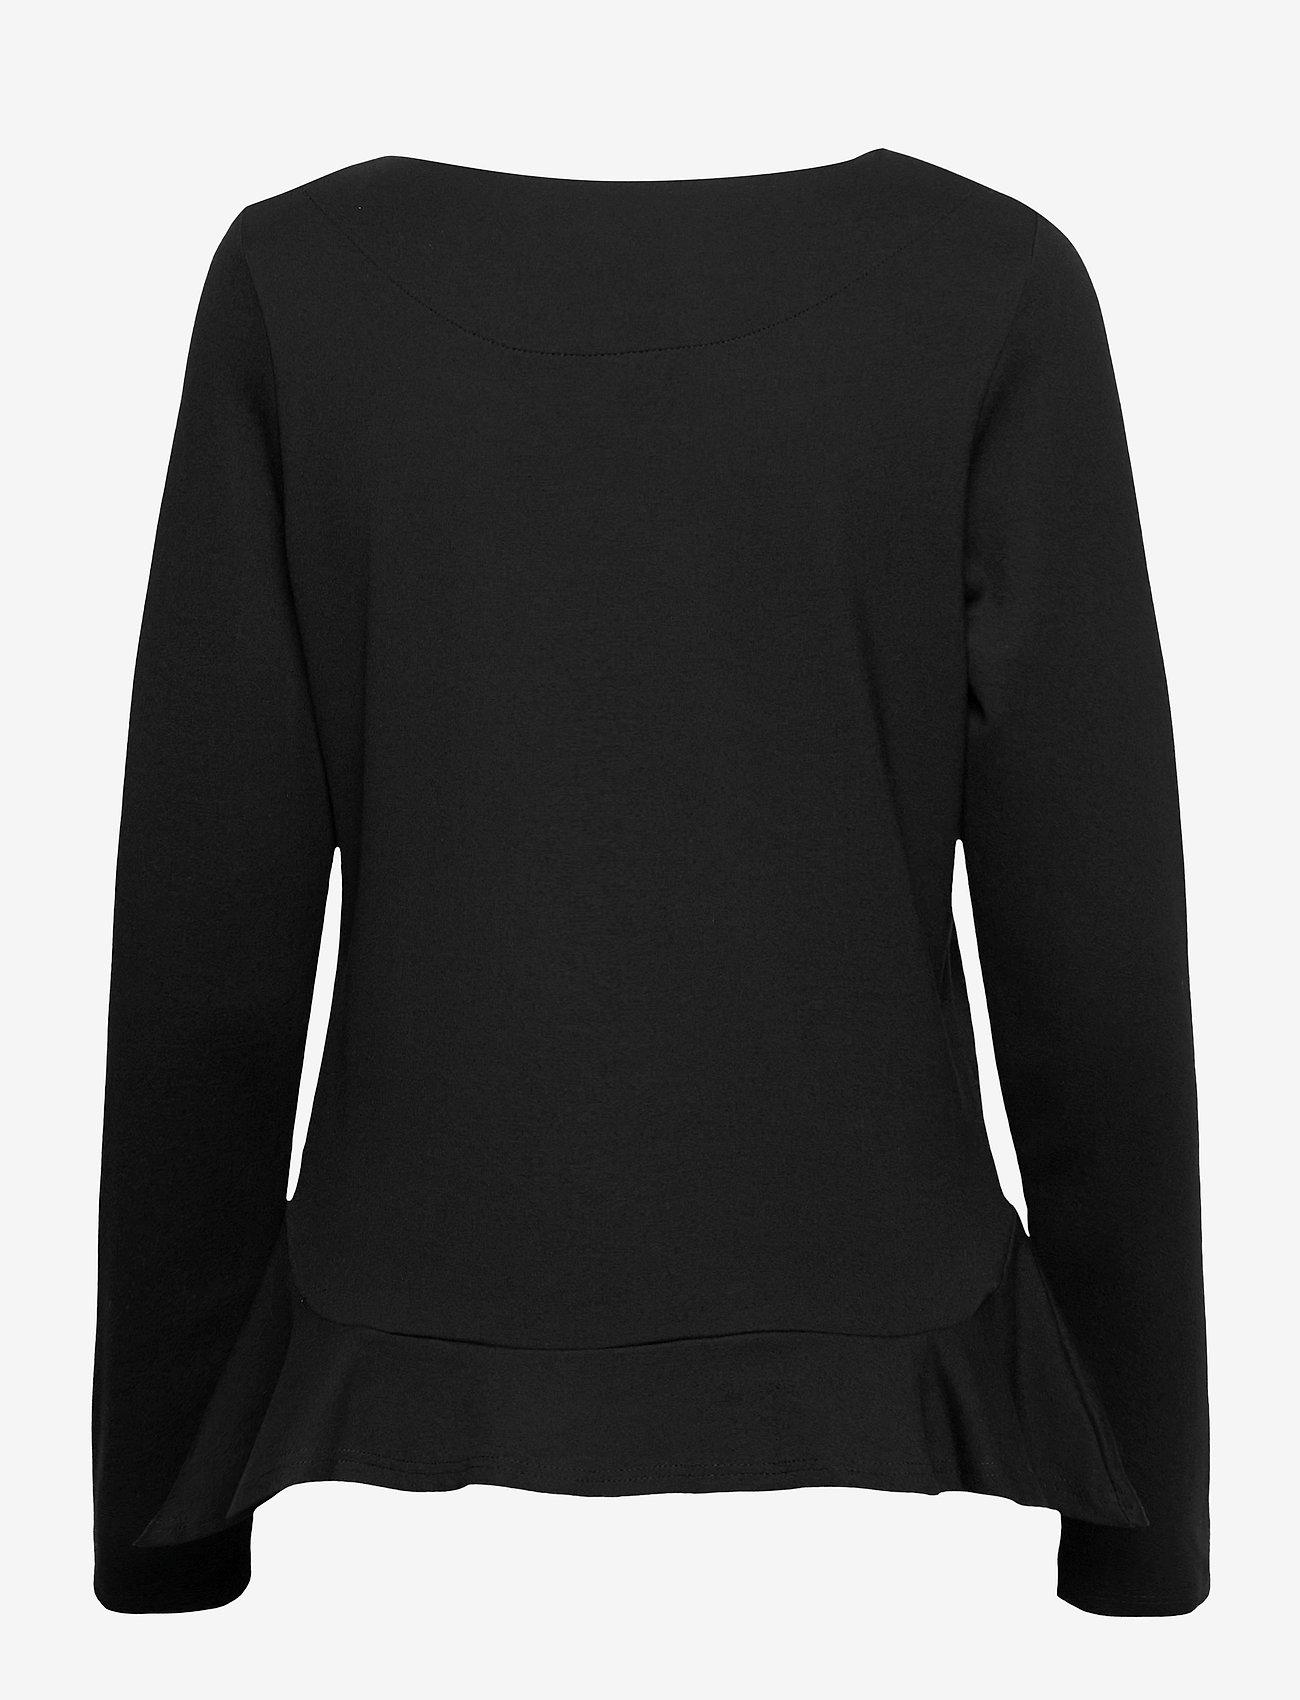 Nanso - Ladies blouse, Minne - black - 1